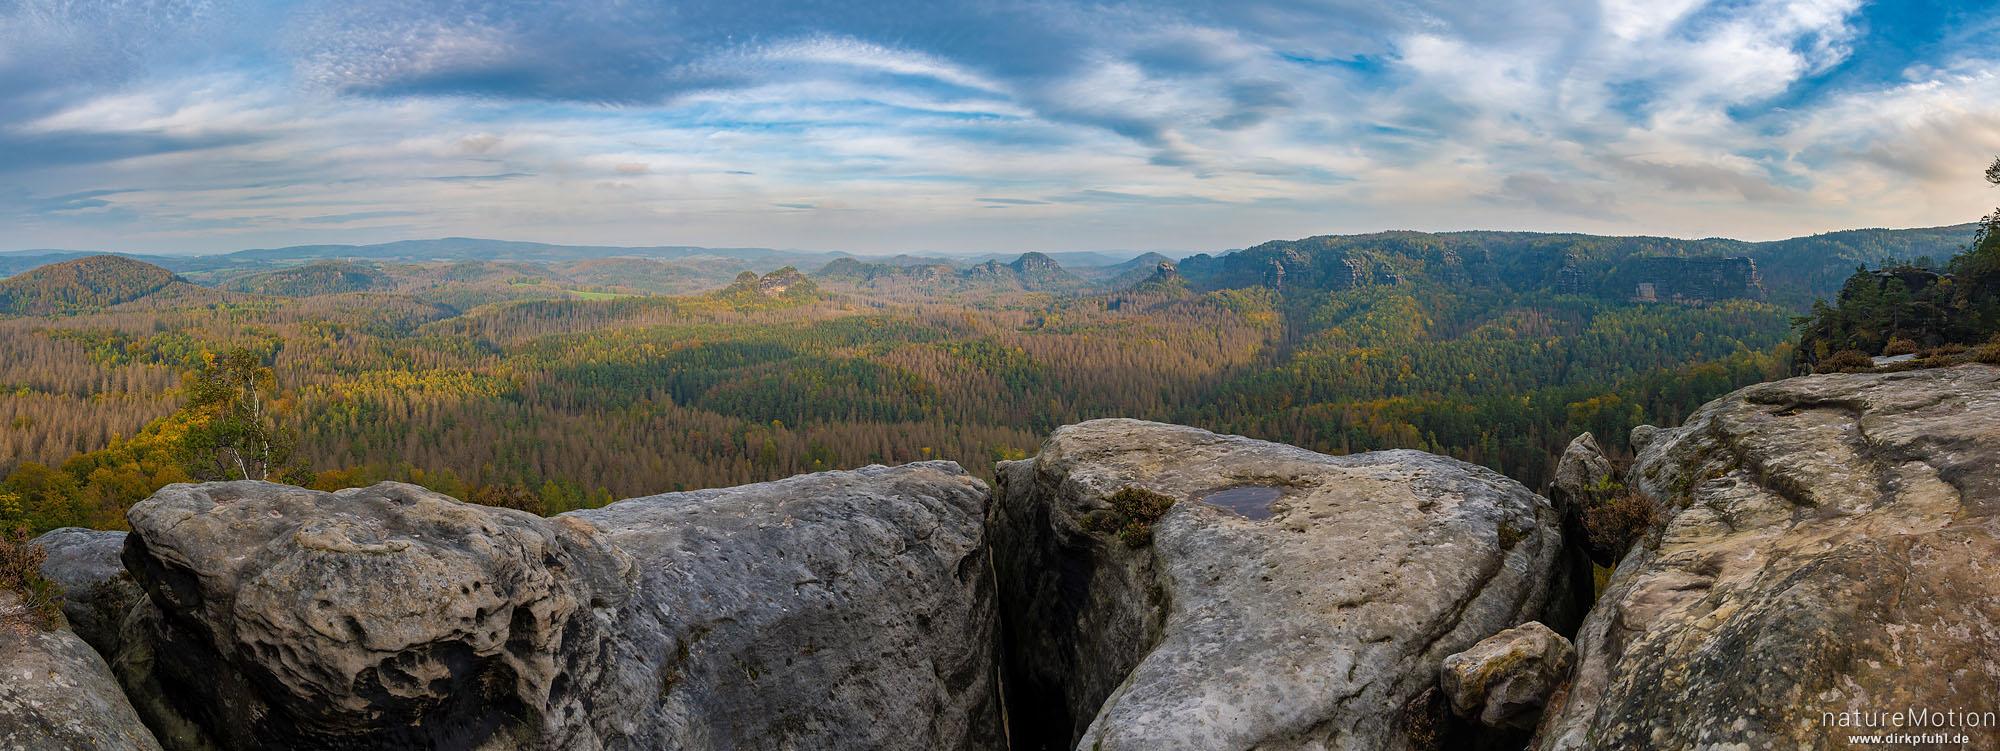 Ausblick vom Affensteinweg, Winterstein und Bärenfangwände, Kleiner Winterberg, Bad Schandau, Deutschland